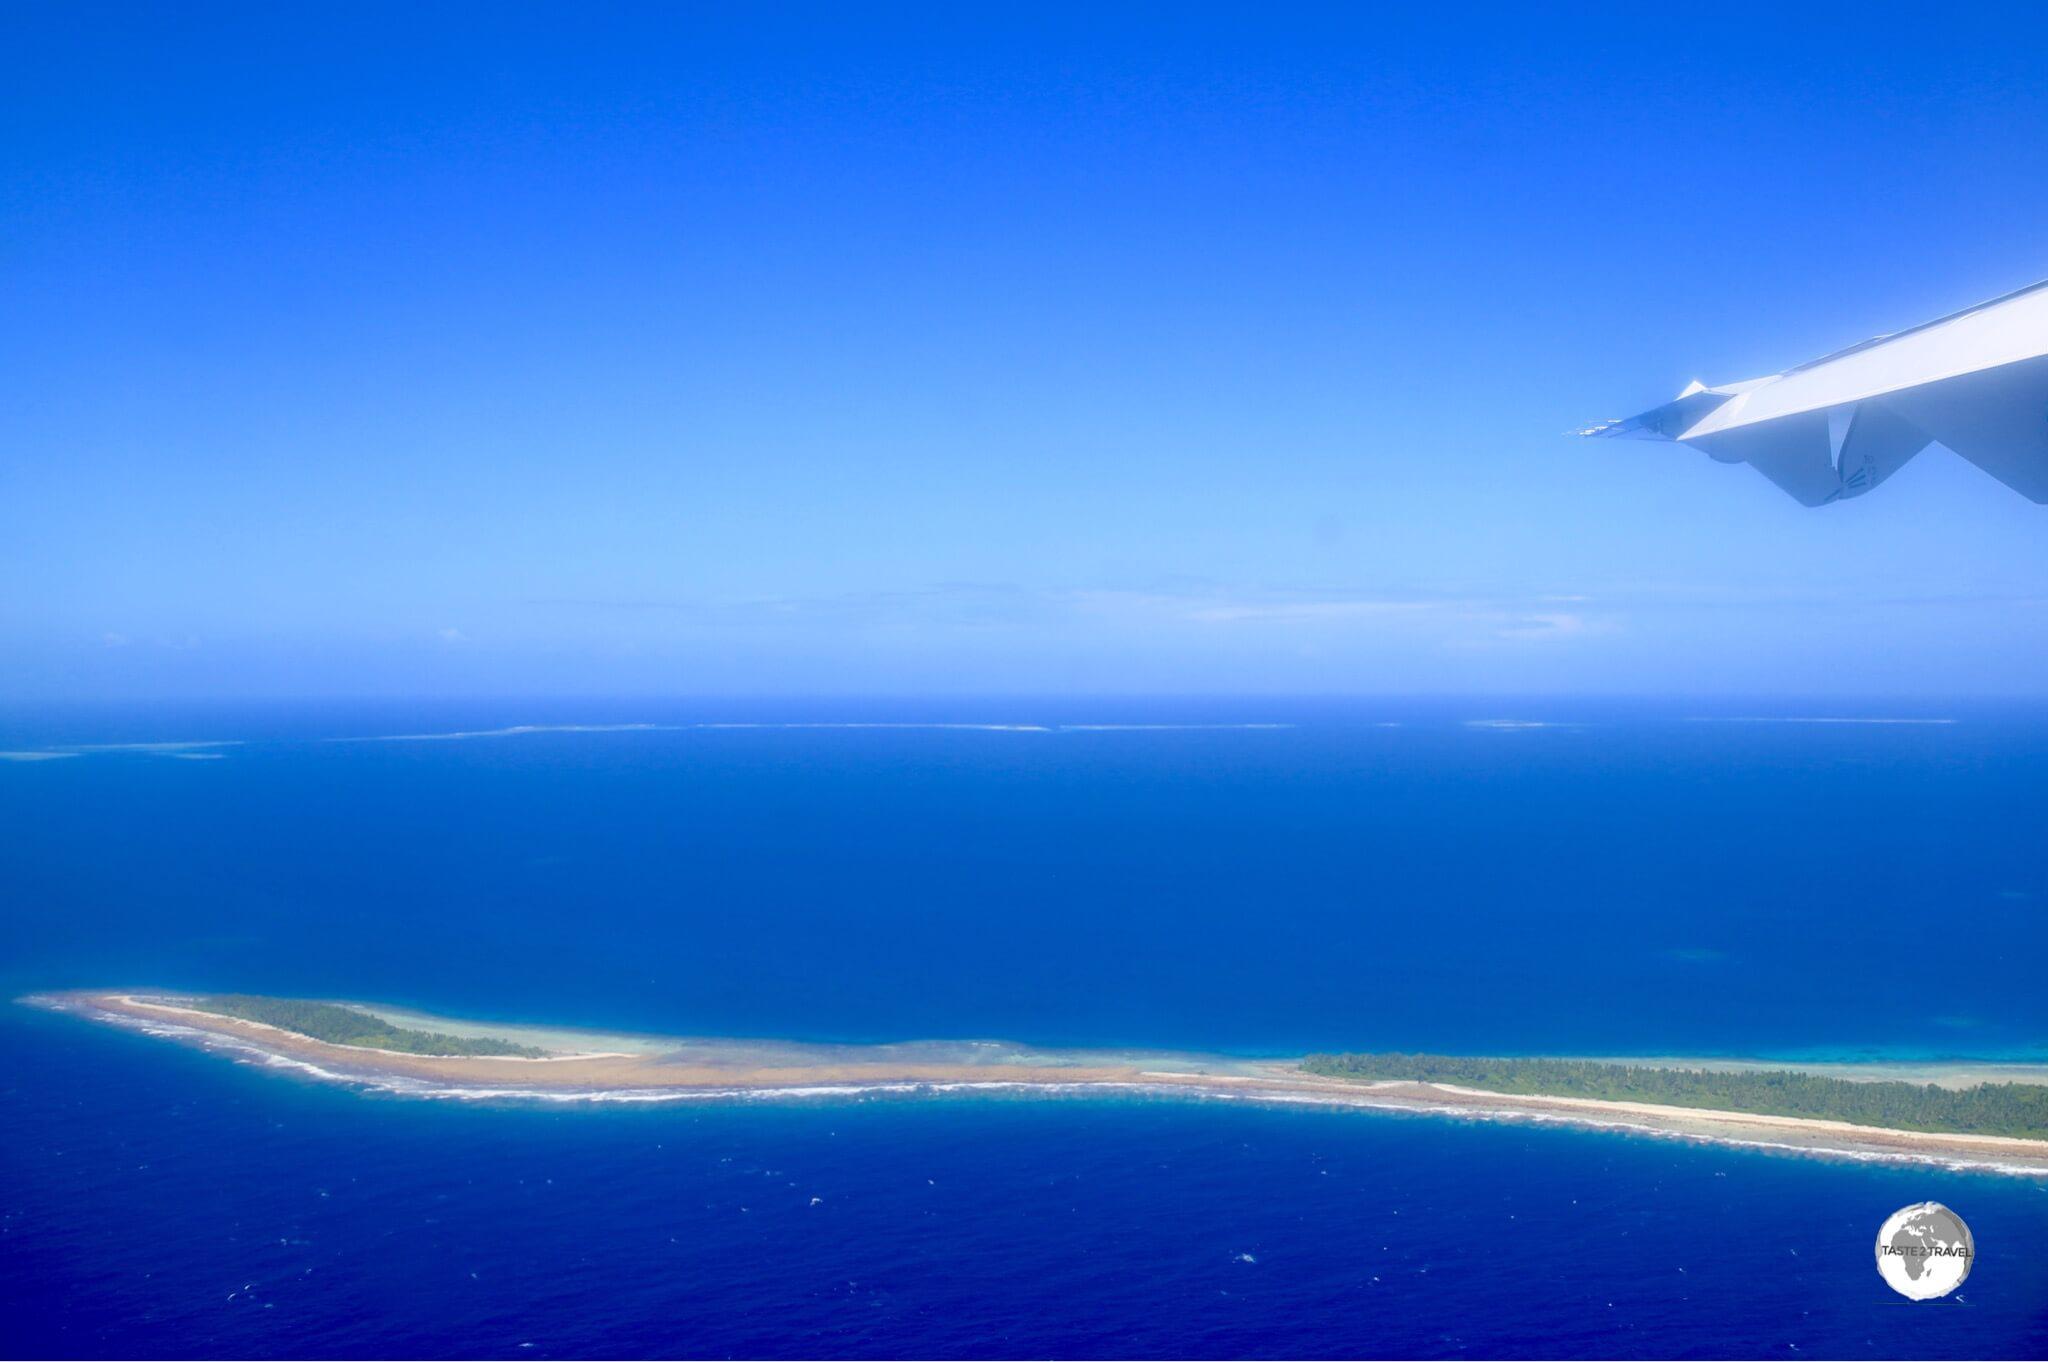 First views of Funafuti from my Fiji Airways flight.